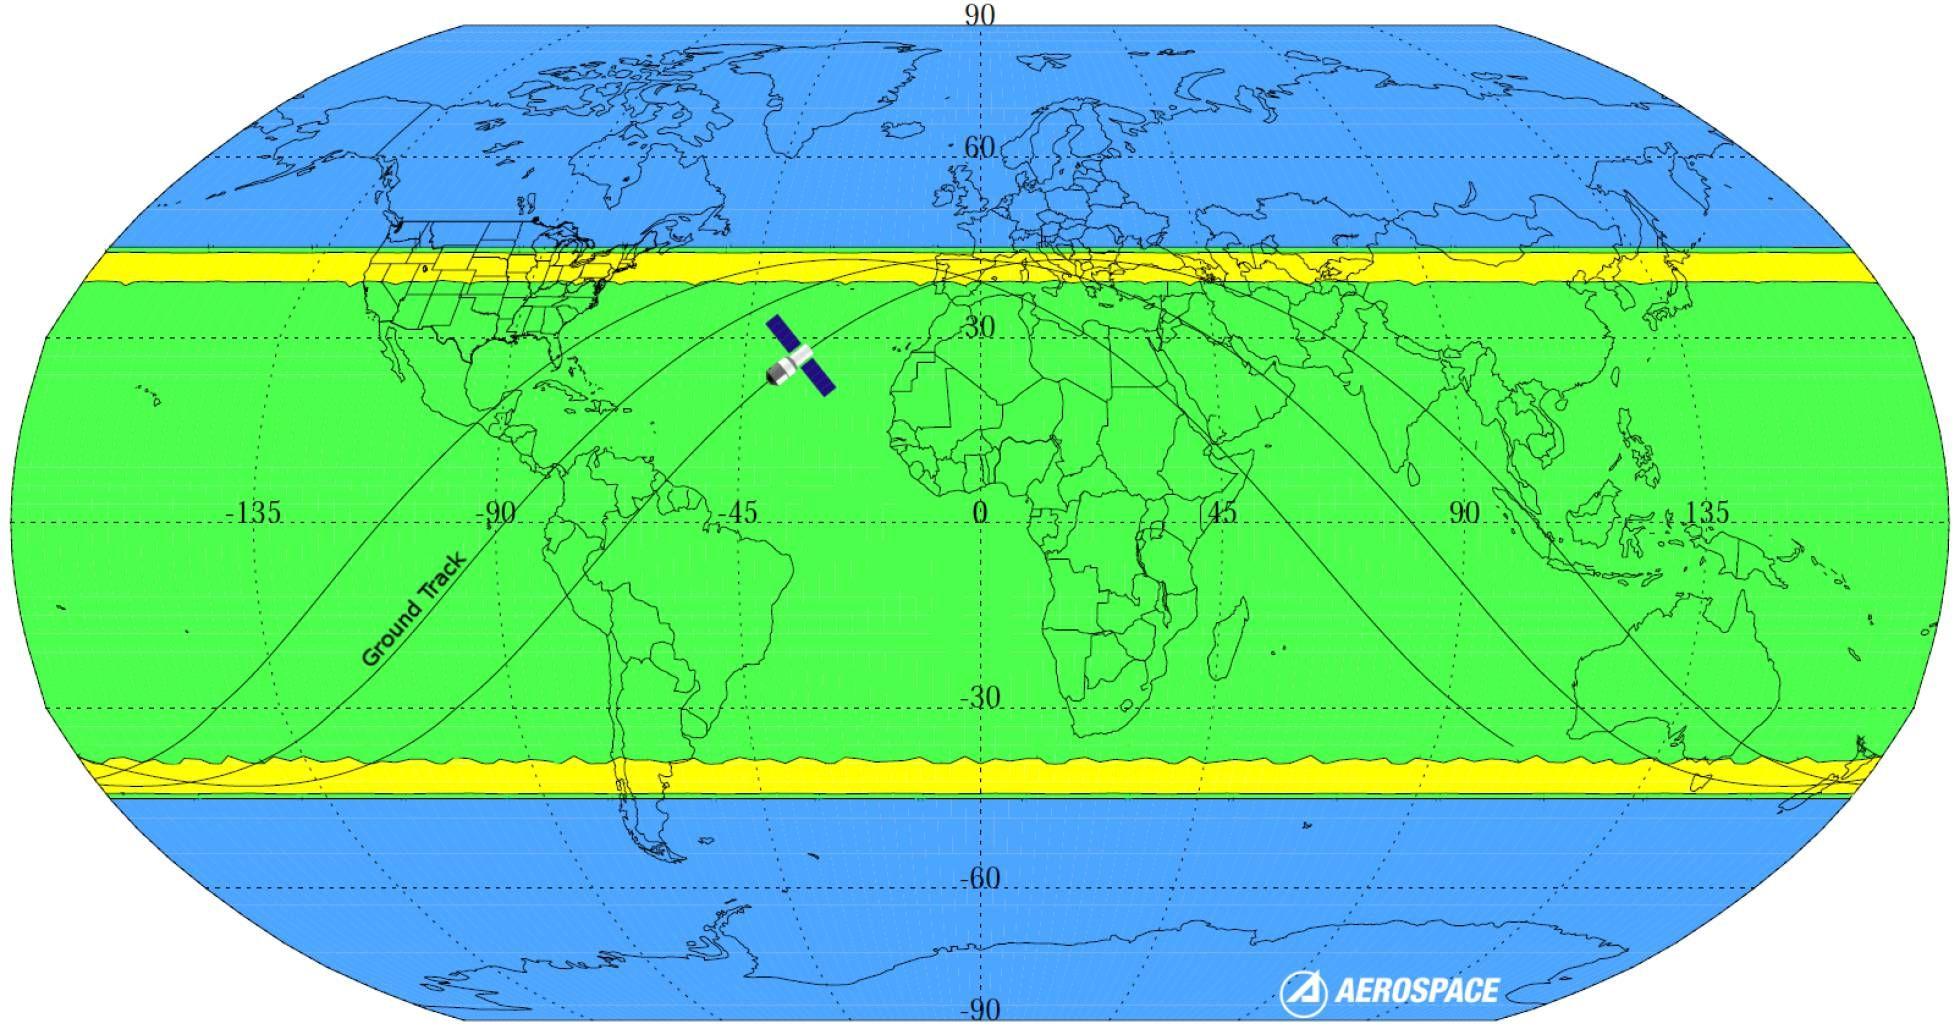 Rota da Tiangong 1 na queda